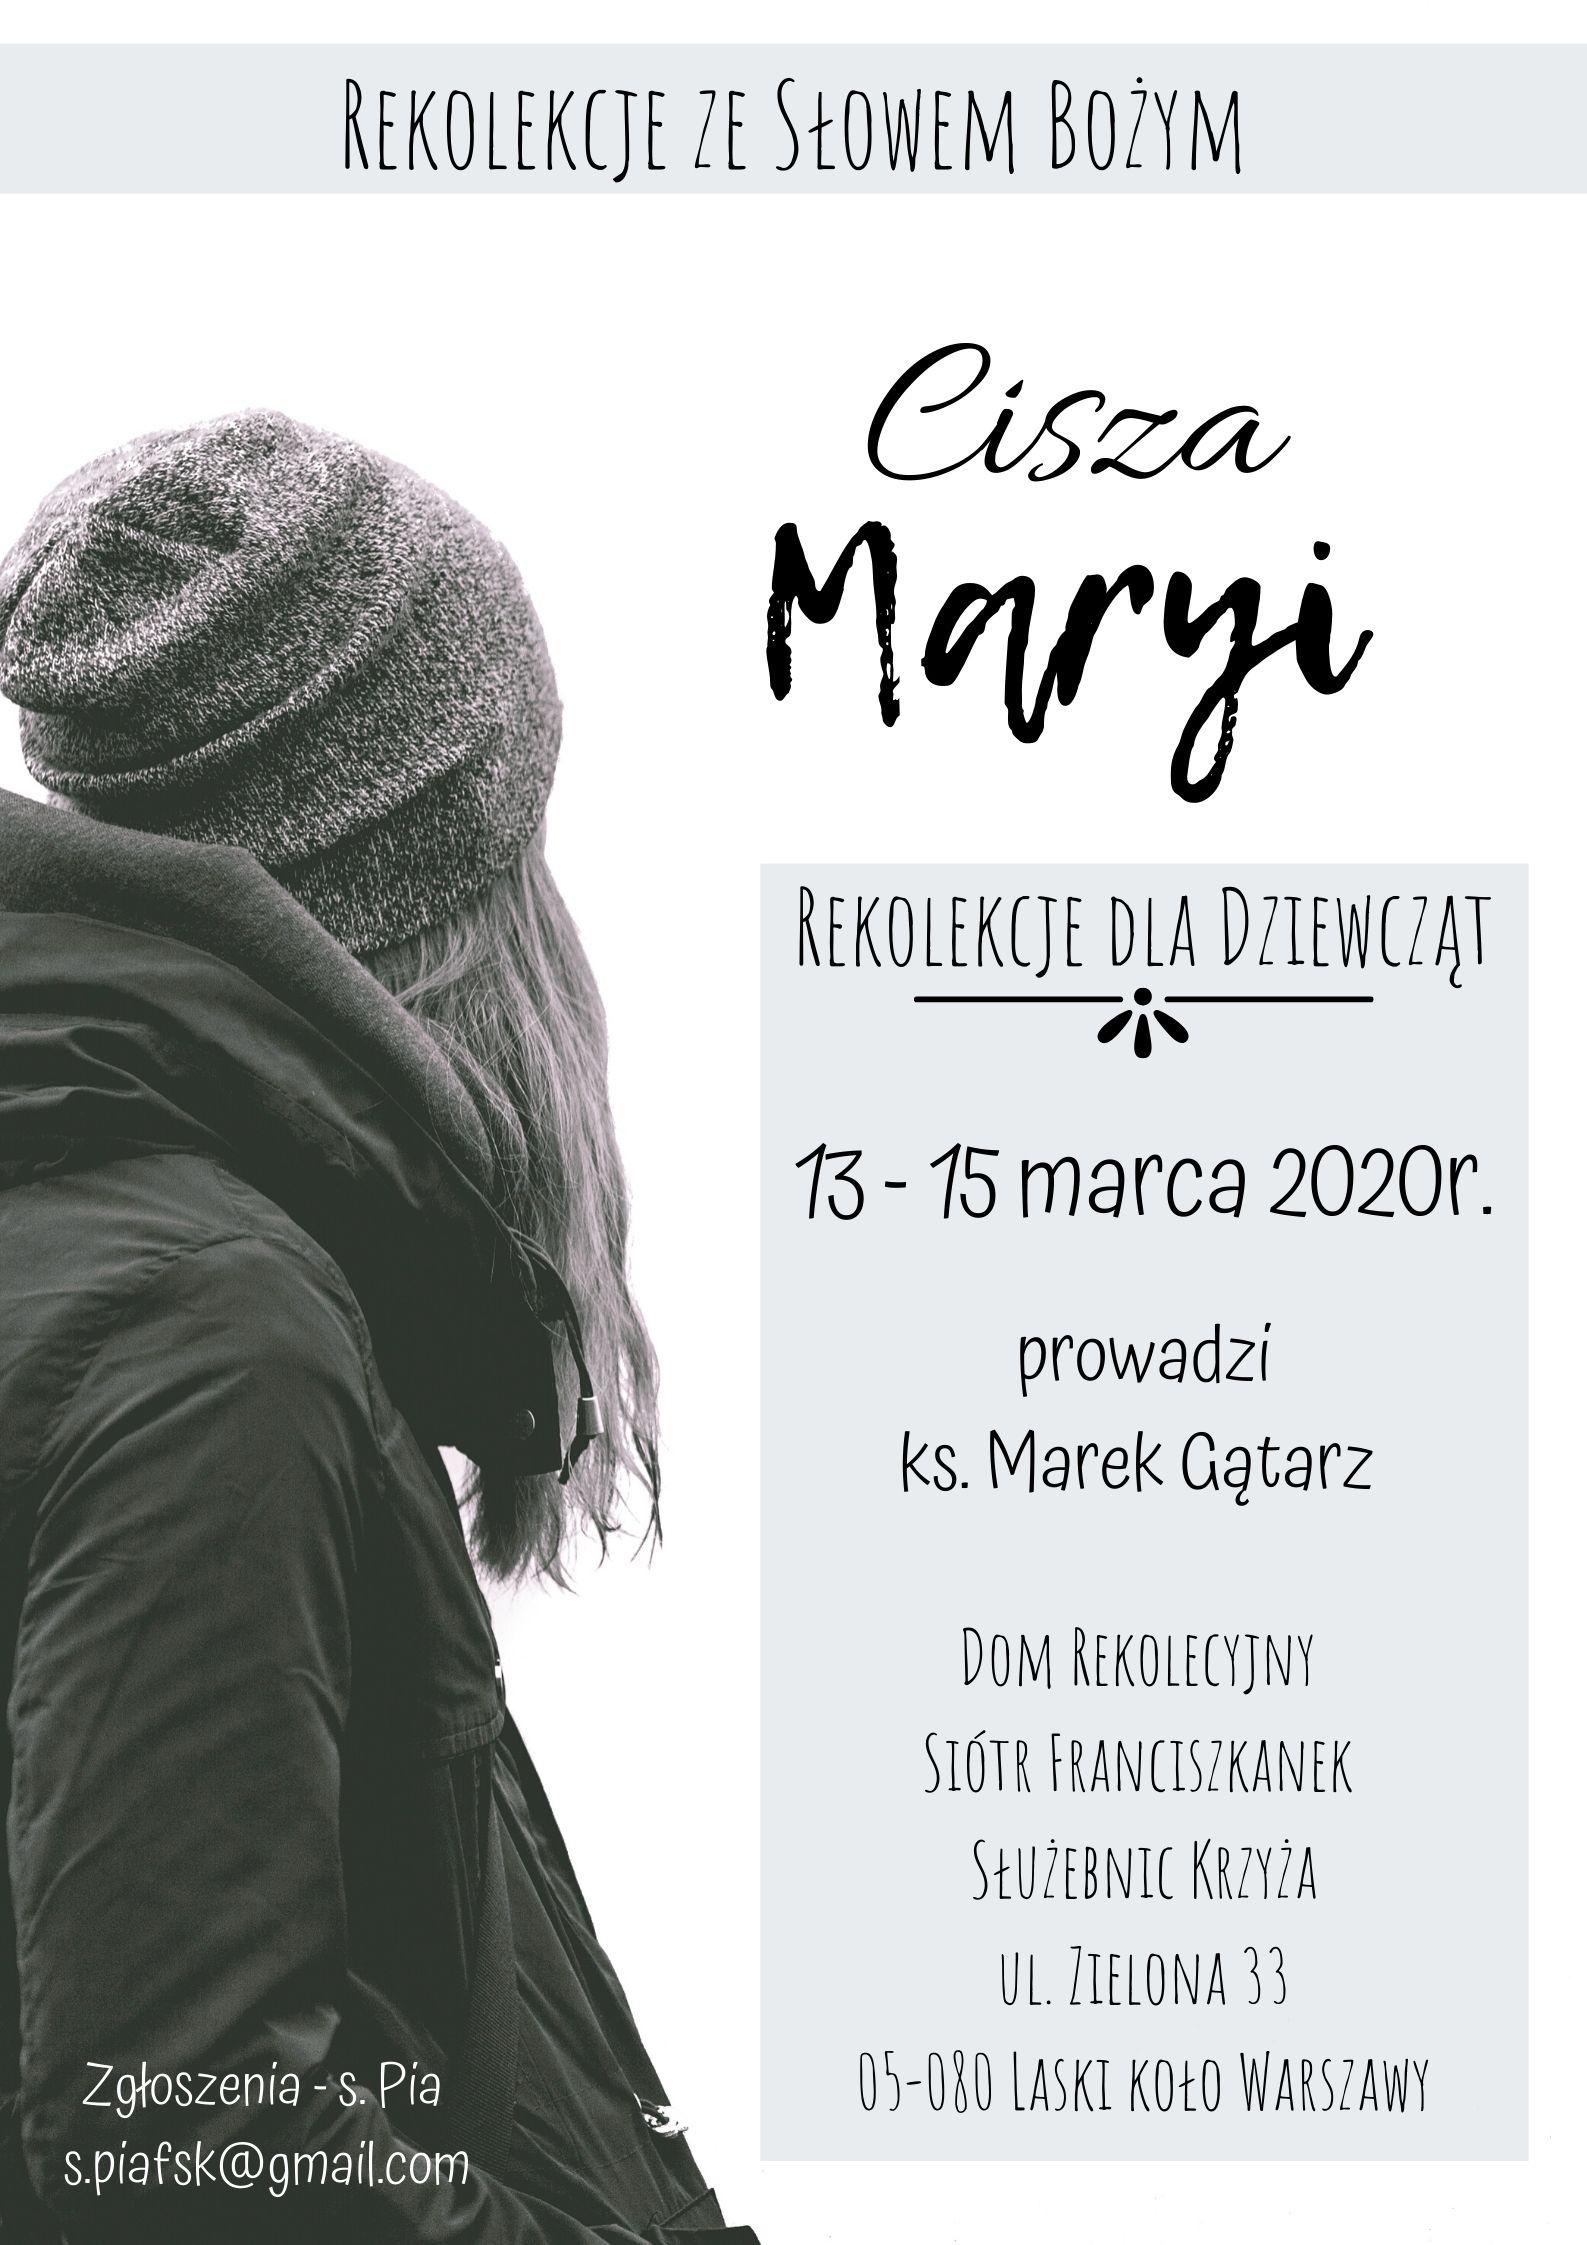 Cisza Maryi. Rekolekcje dla dziewcząt 13-15 marca 2020 r. Prowadzi ks. Marek Gątarz